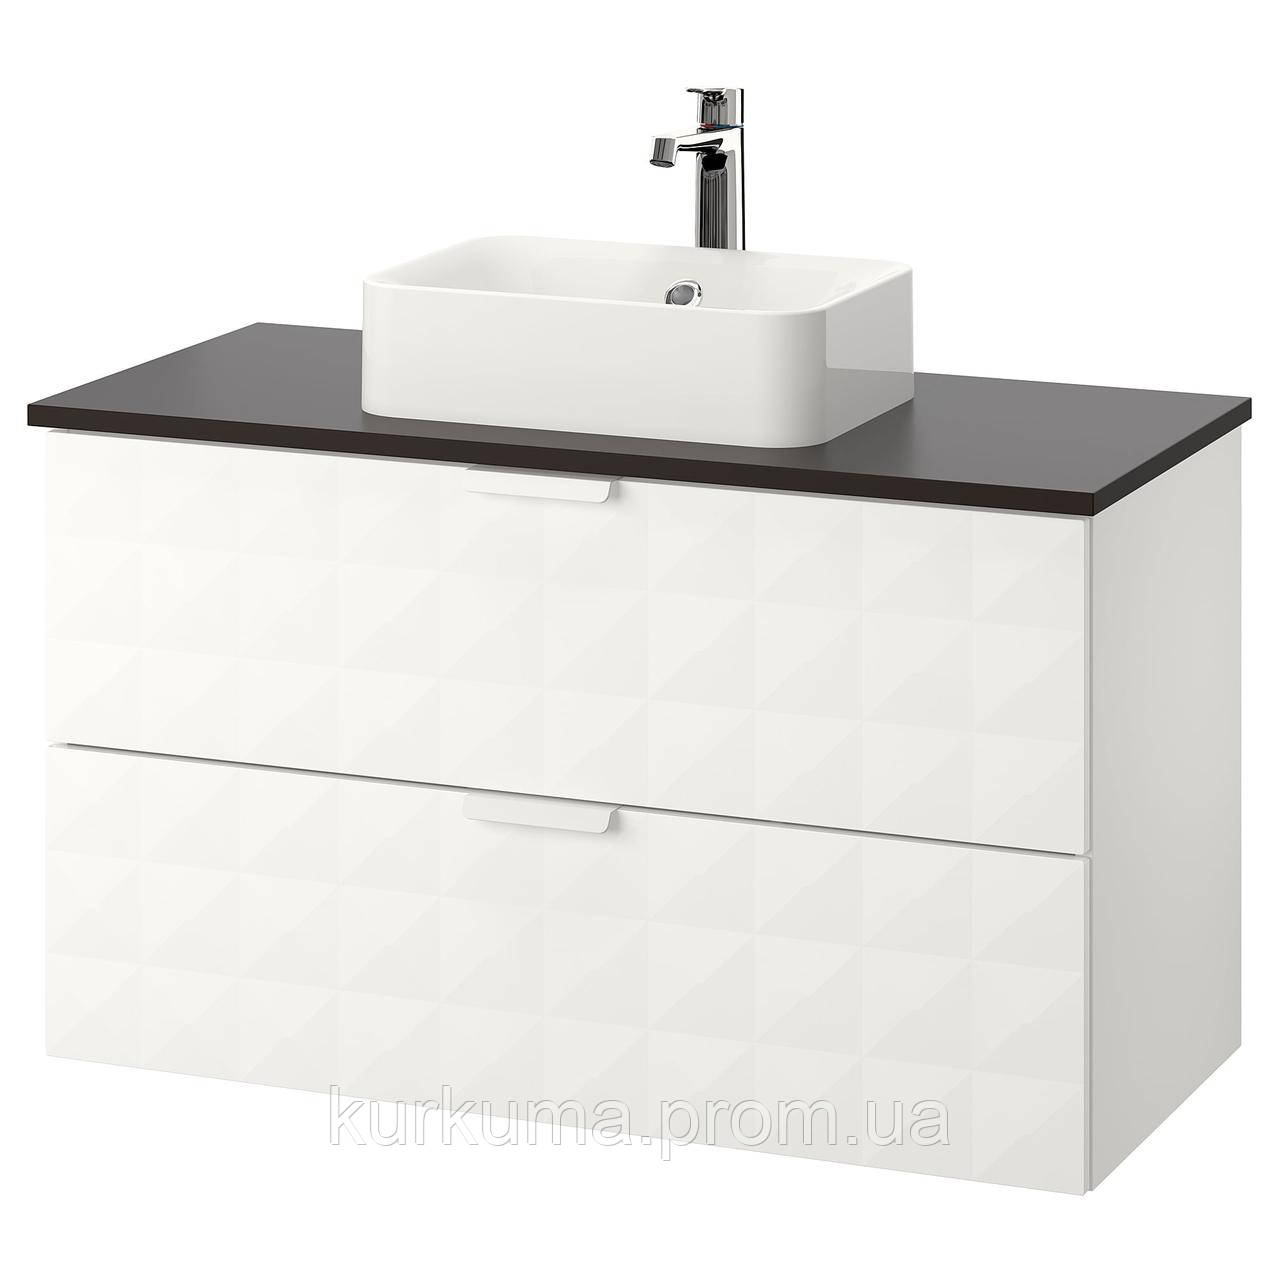 IKEA GODMORGON/TOLKEN/HORVIK Шкаф под умывальник с раковиной 45x32, Ресжöн белый, антрацит  (192.473.65)